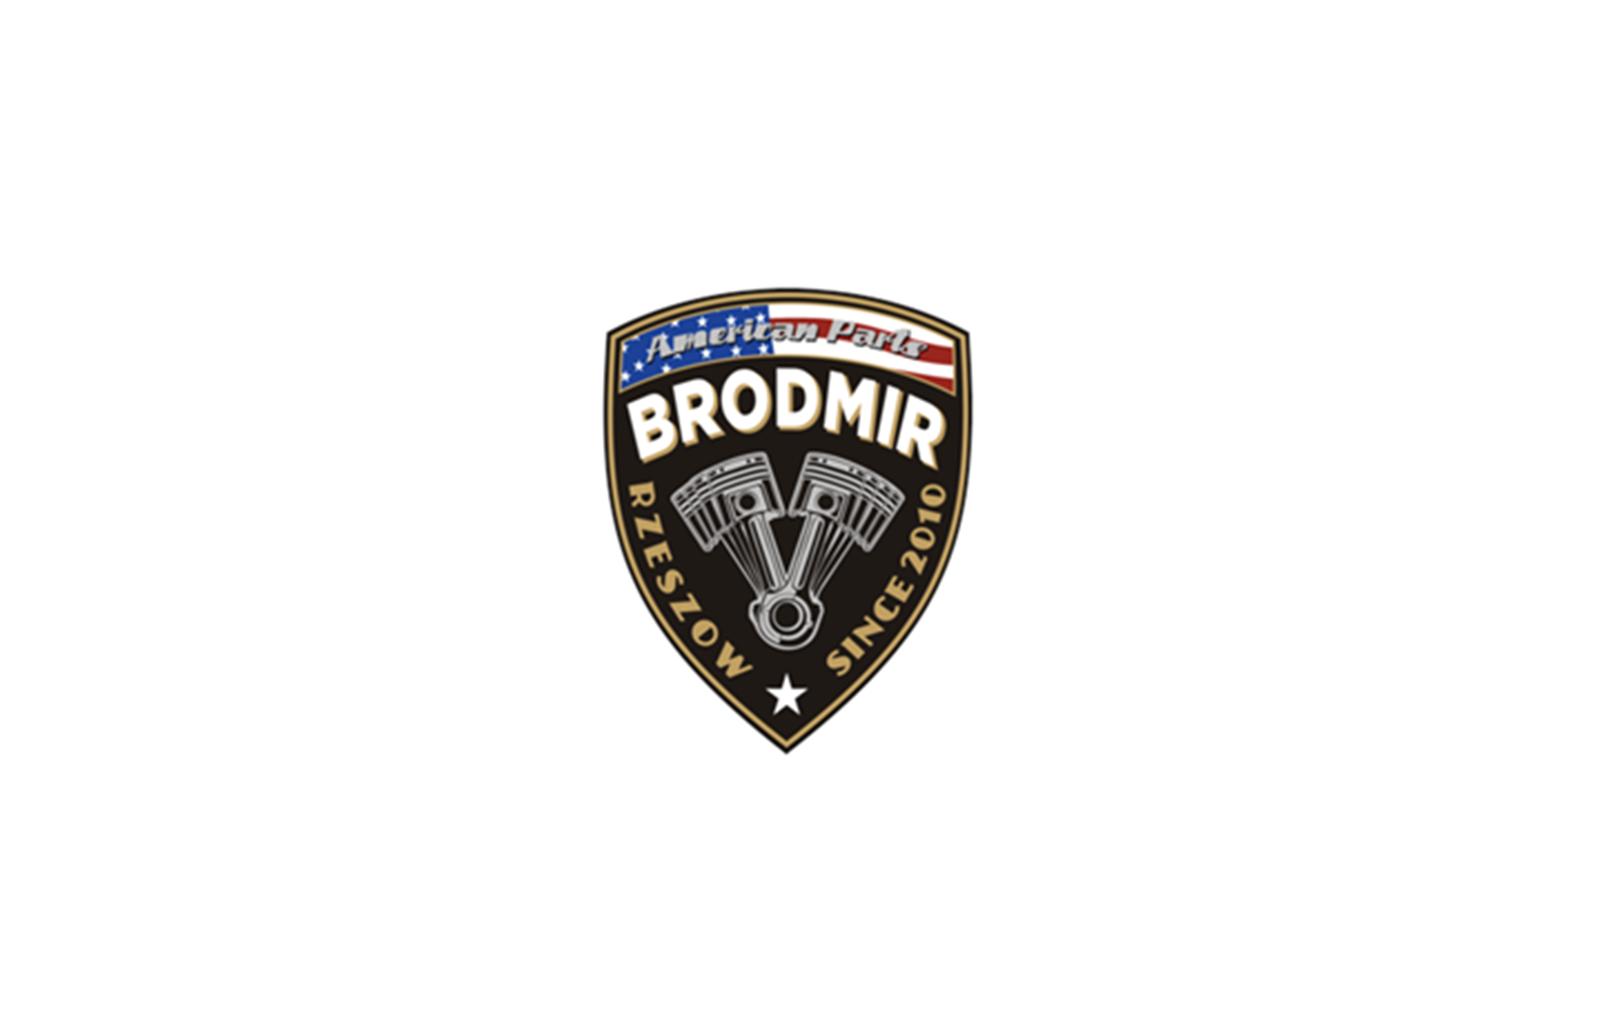 brodmir1